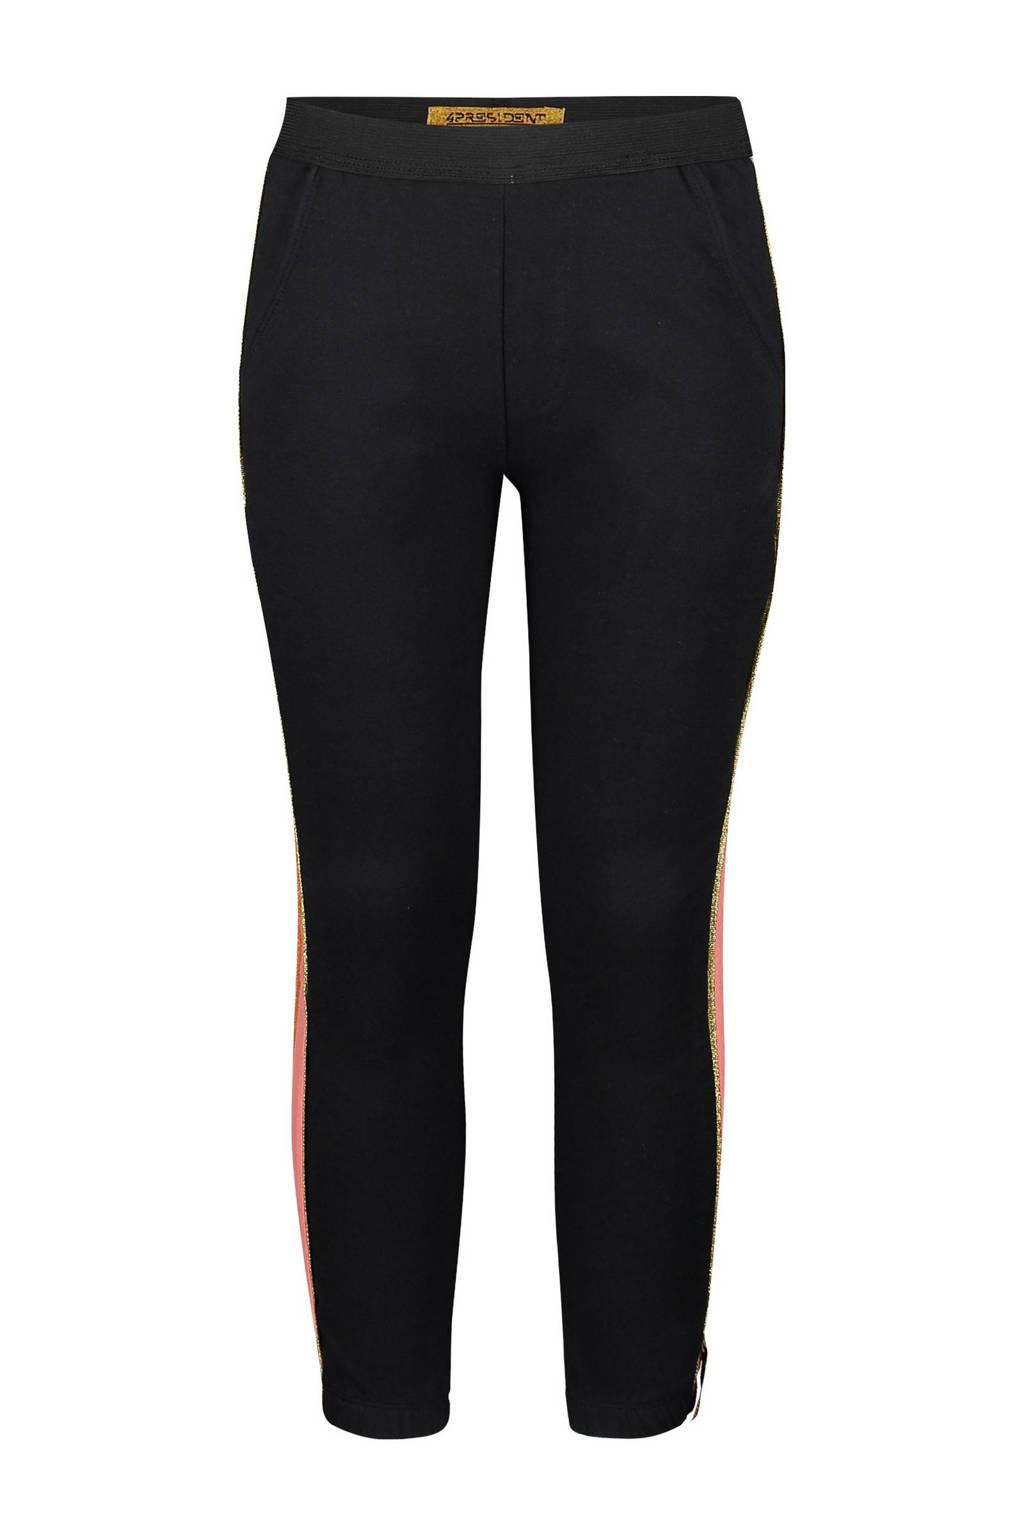 4PRESIDENT tapered fit broek Felice met zijstreep zwart/roze/wit, Zwart/roze/wit